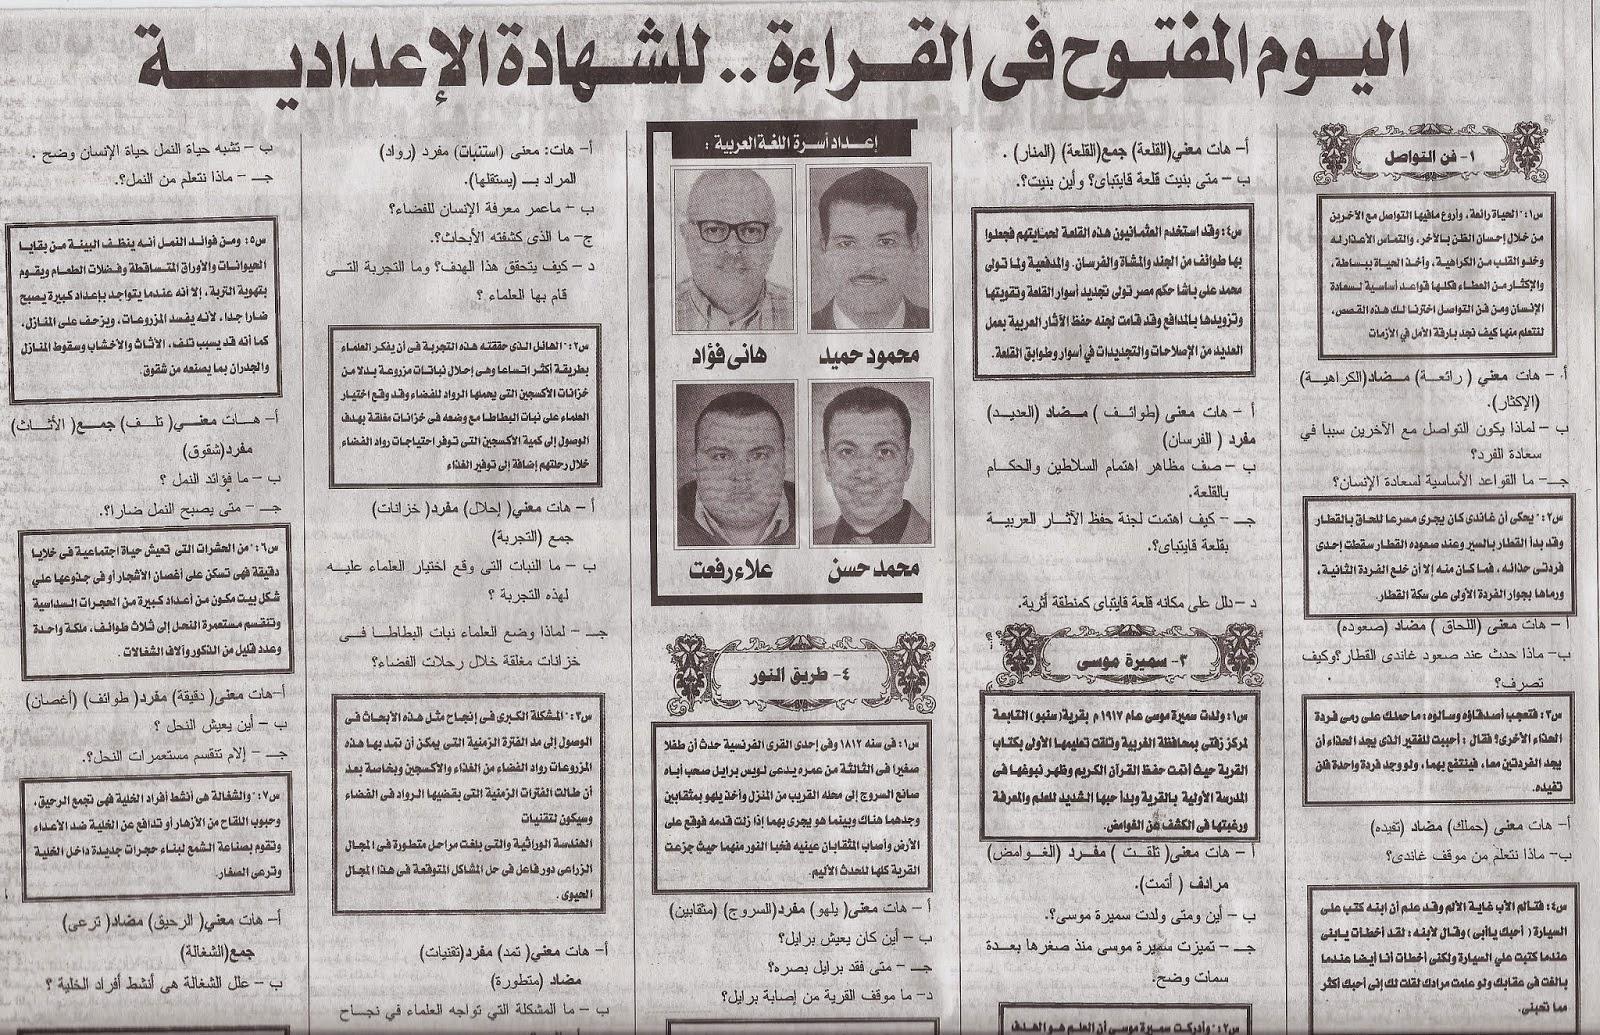 كل مراجعات ملاحق الجمهورية للترم الأول 2015 للشهادة الإبتدائية المنهاج المصري scan0062.jpg